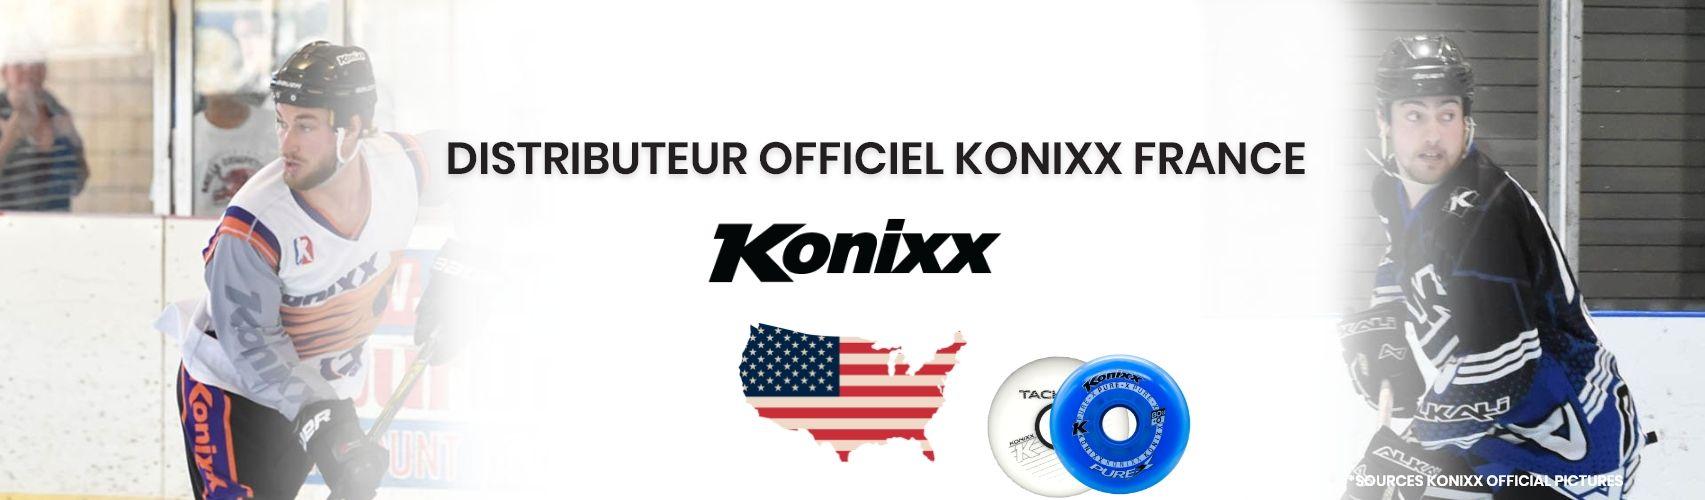 ICE Konixx